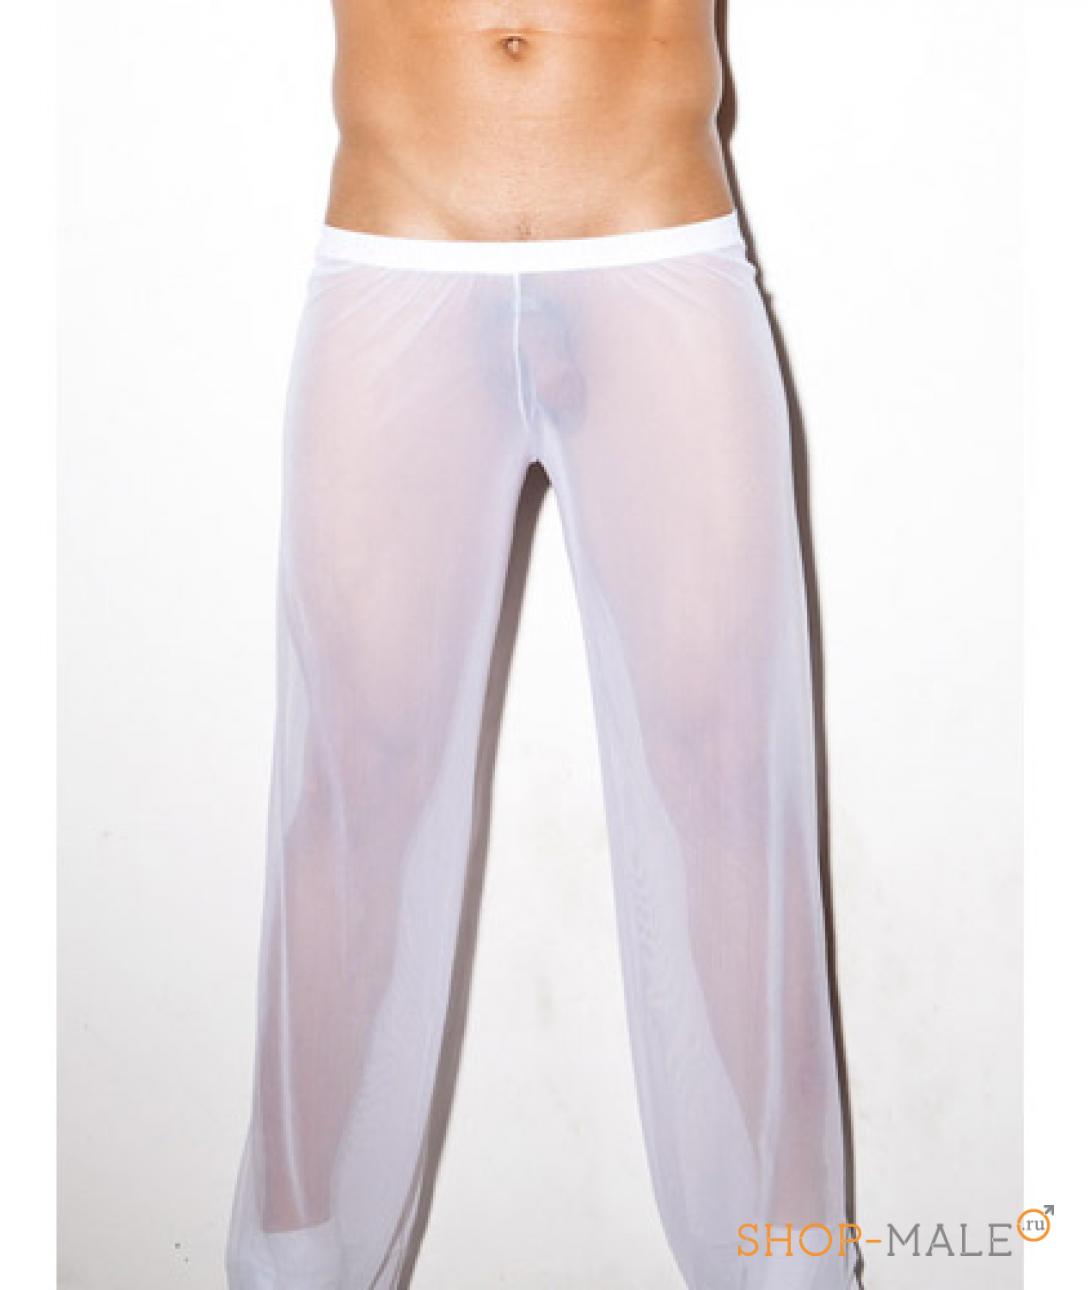 Штаны брюки просвечивают видно стринги фото 6 фотография